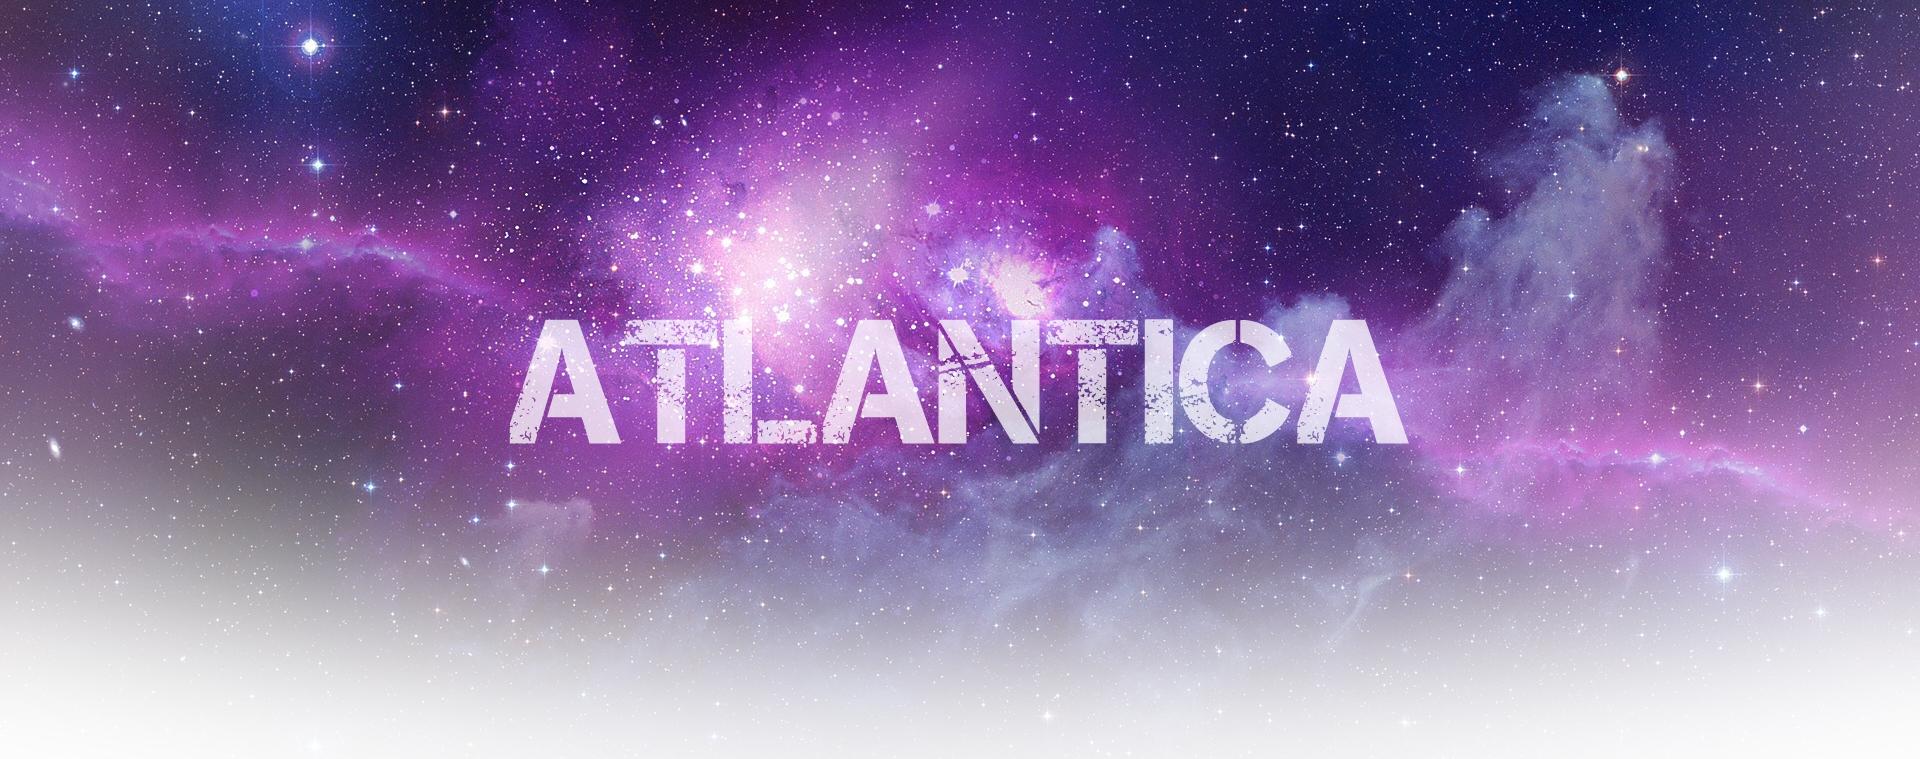 Alantica